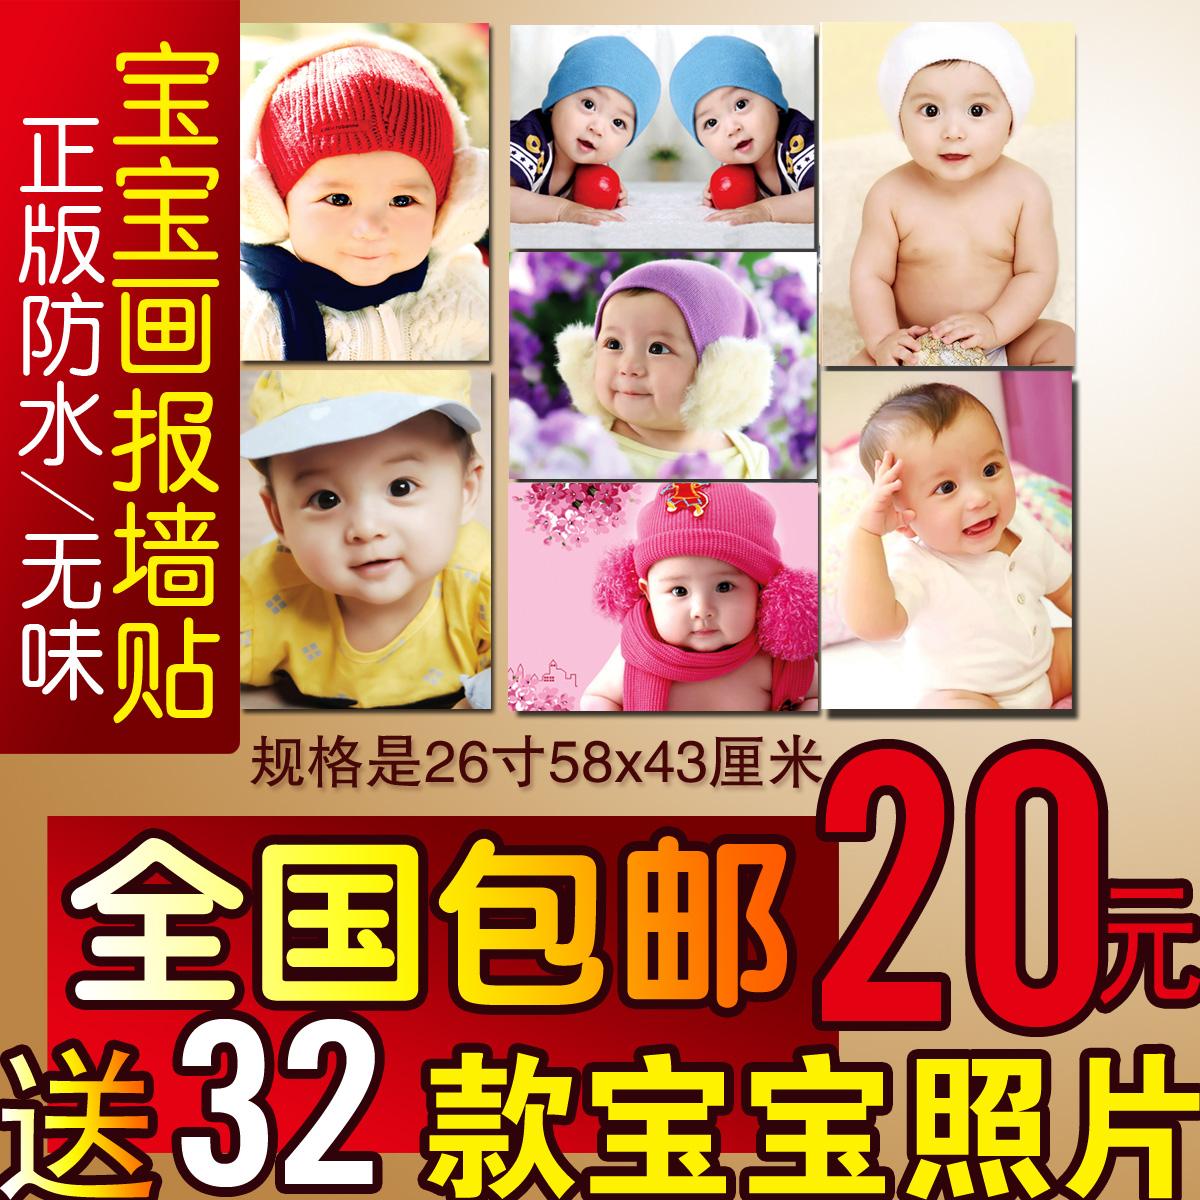 Постер с изображением ребёнка Happy baby Bb